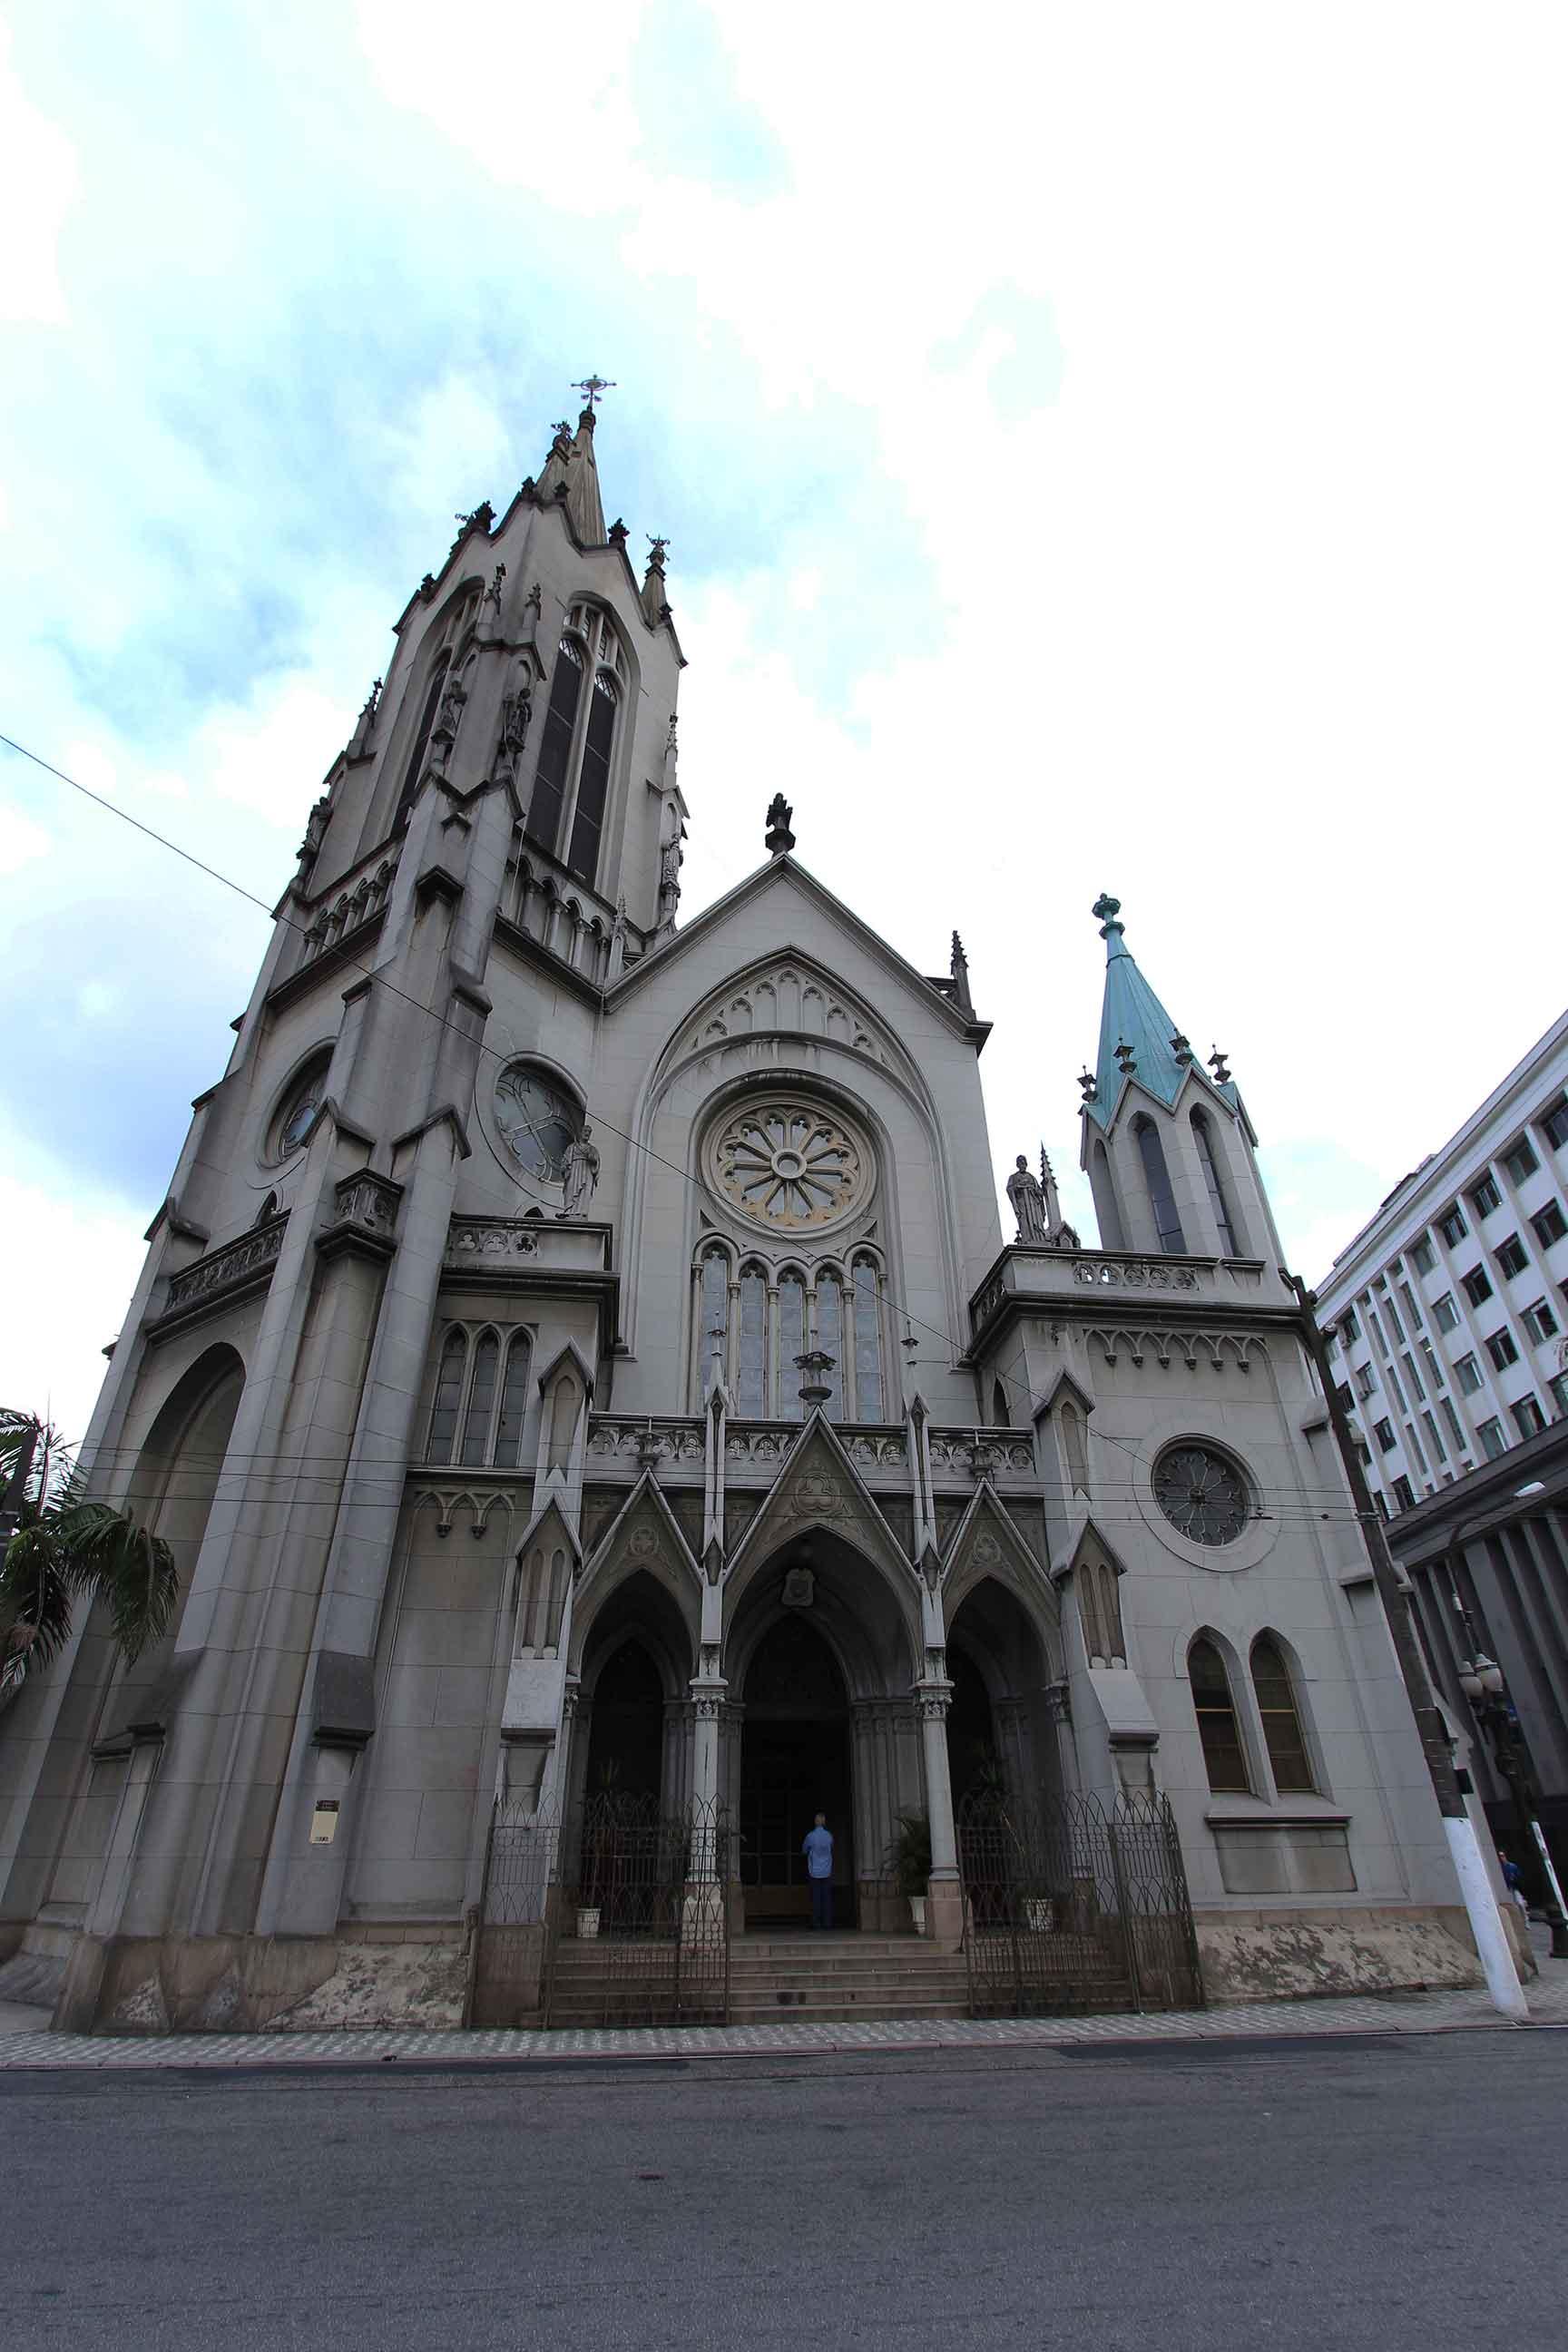 Catedral de NossaSenhora do Rosário